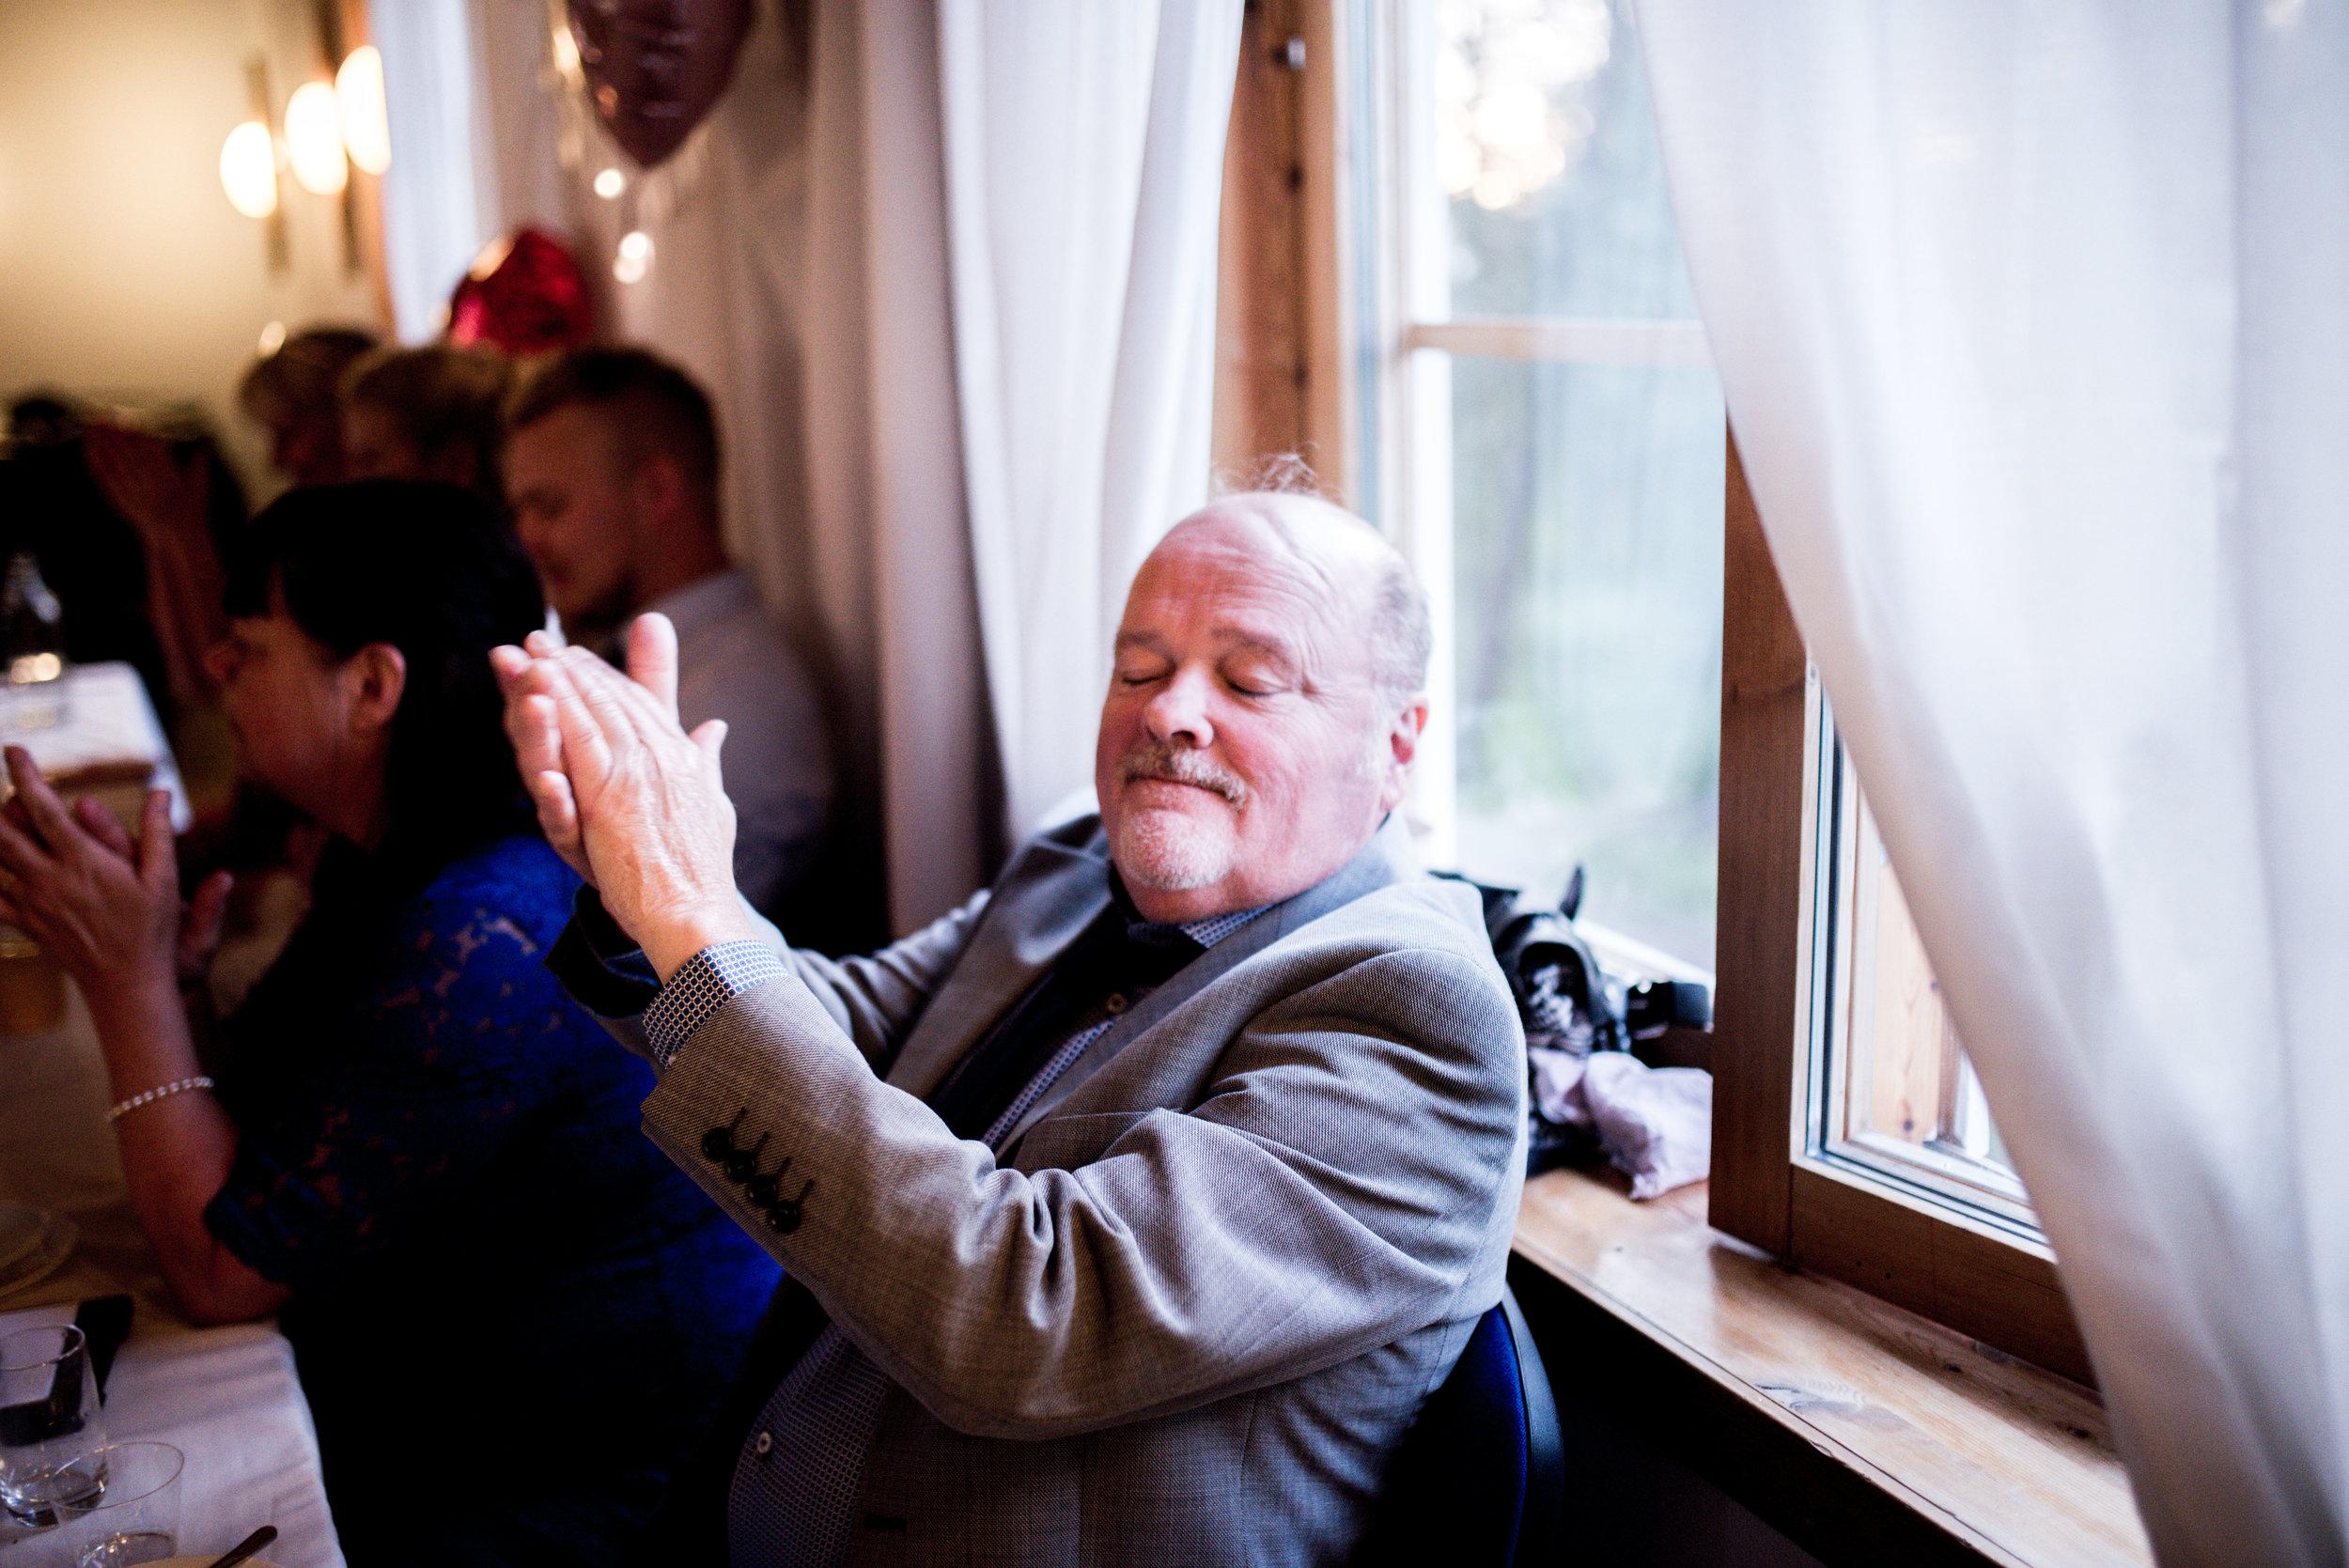 Bröllop2019lågkvall2-6382.jpg